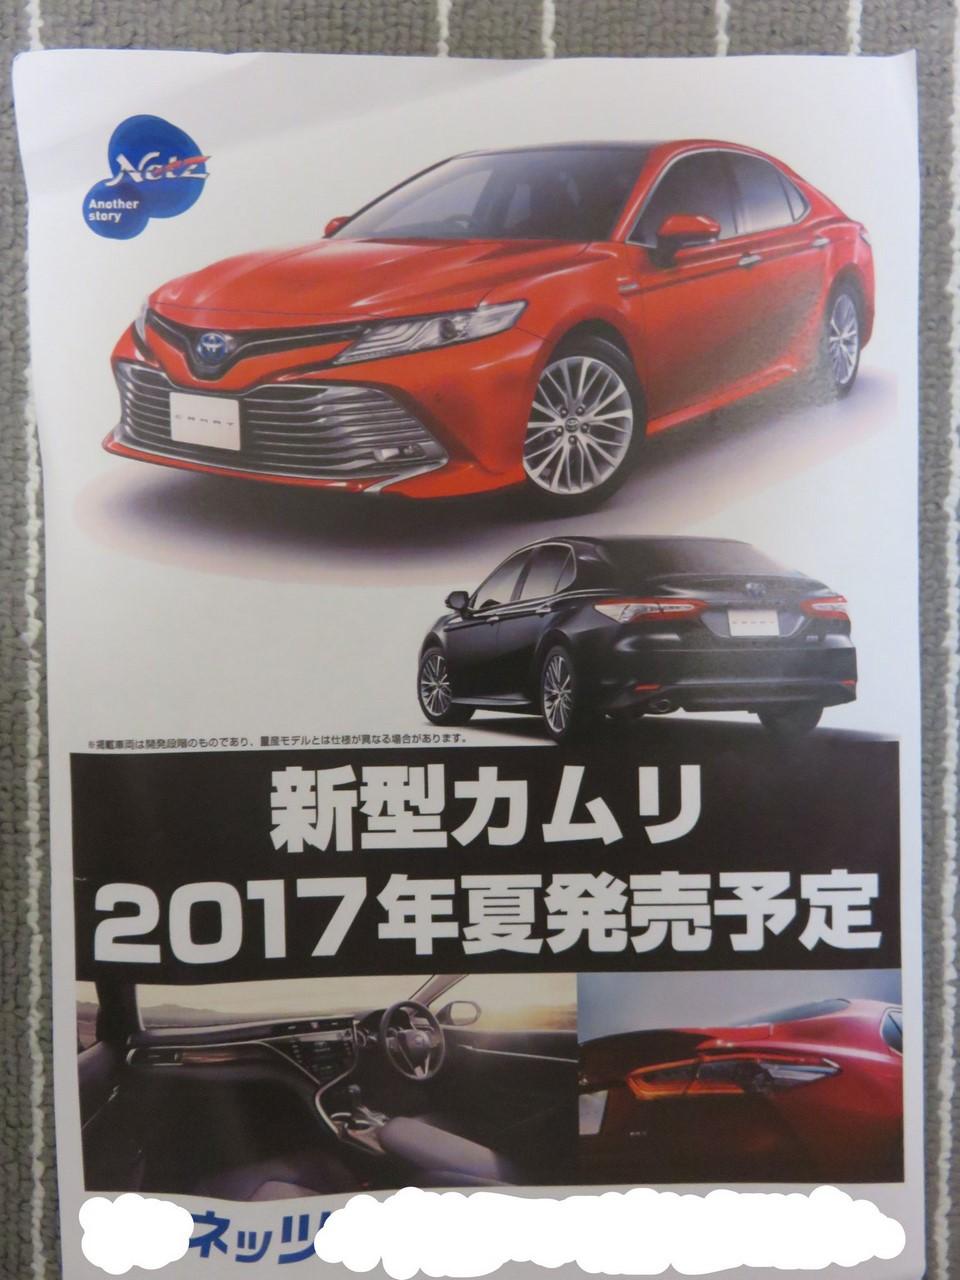 JDM-spec 2018 Toyota Camry exterior and interior